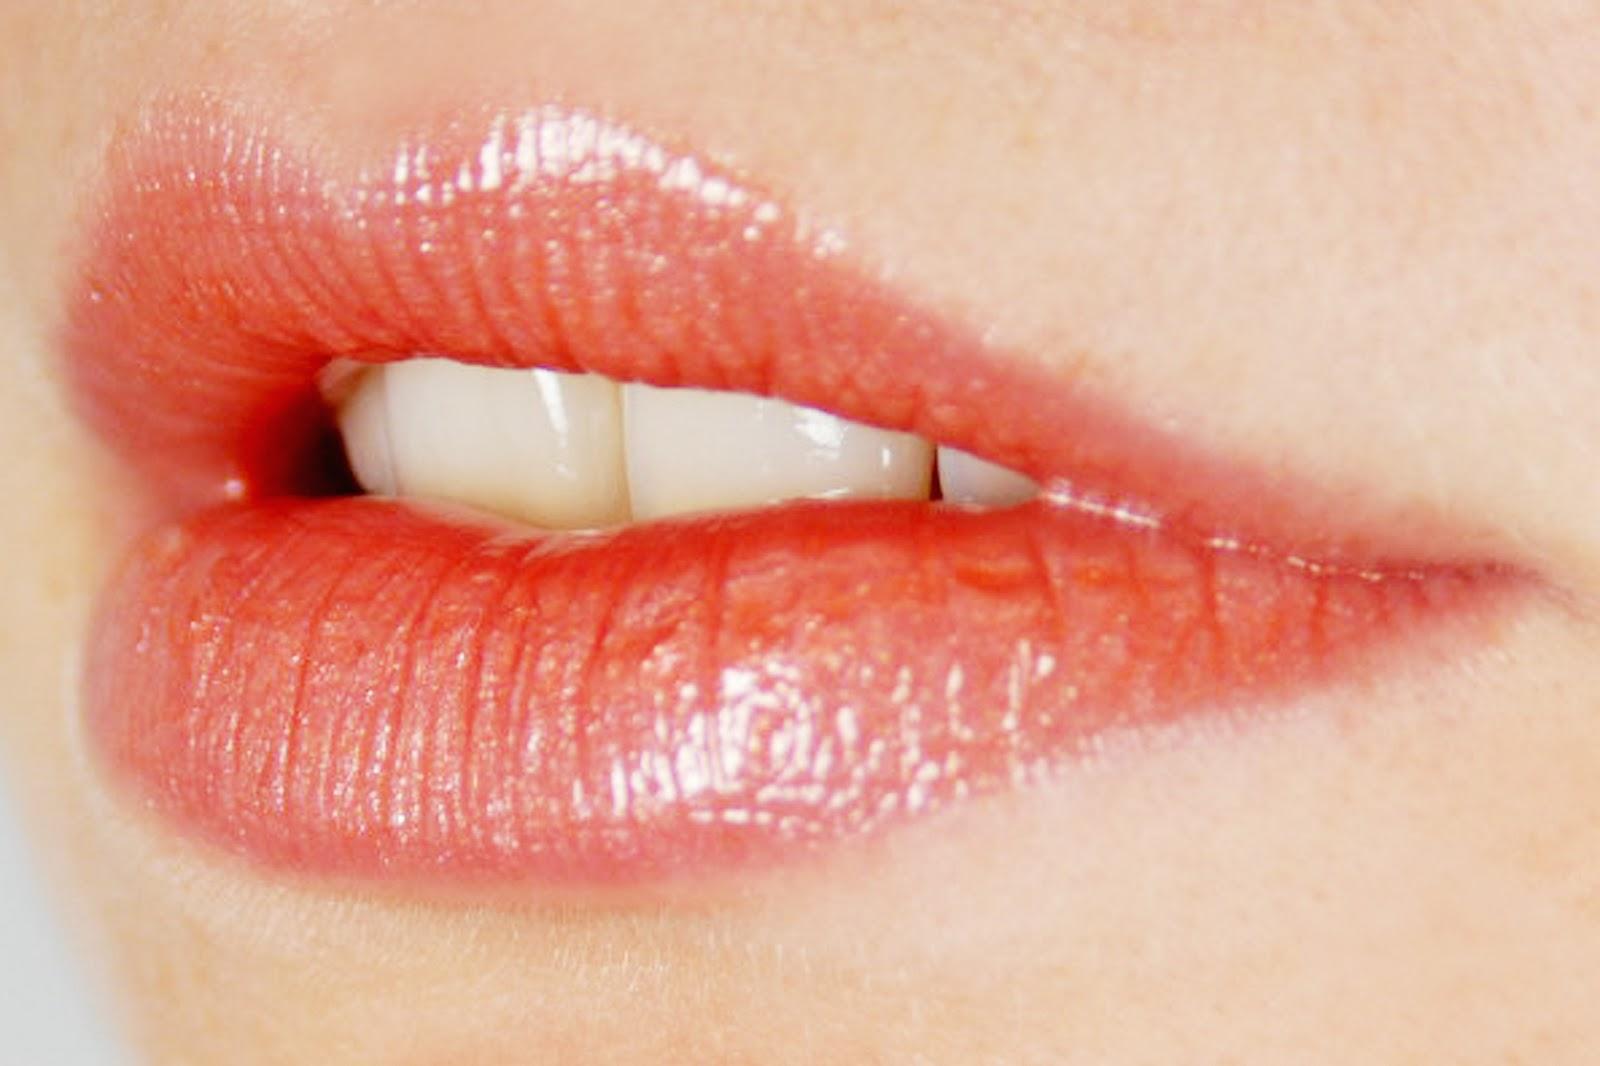 Đôi môi đẹp hoàn hảo, không nhược điểm là điều mà các chị em tìm kiếm